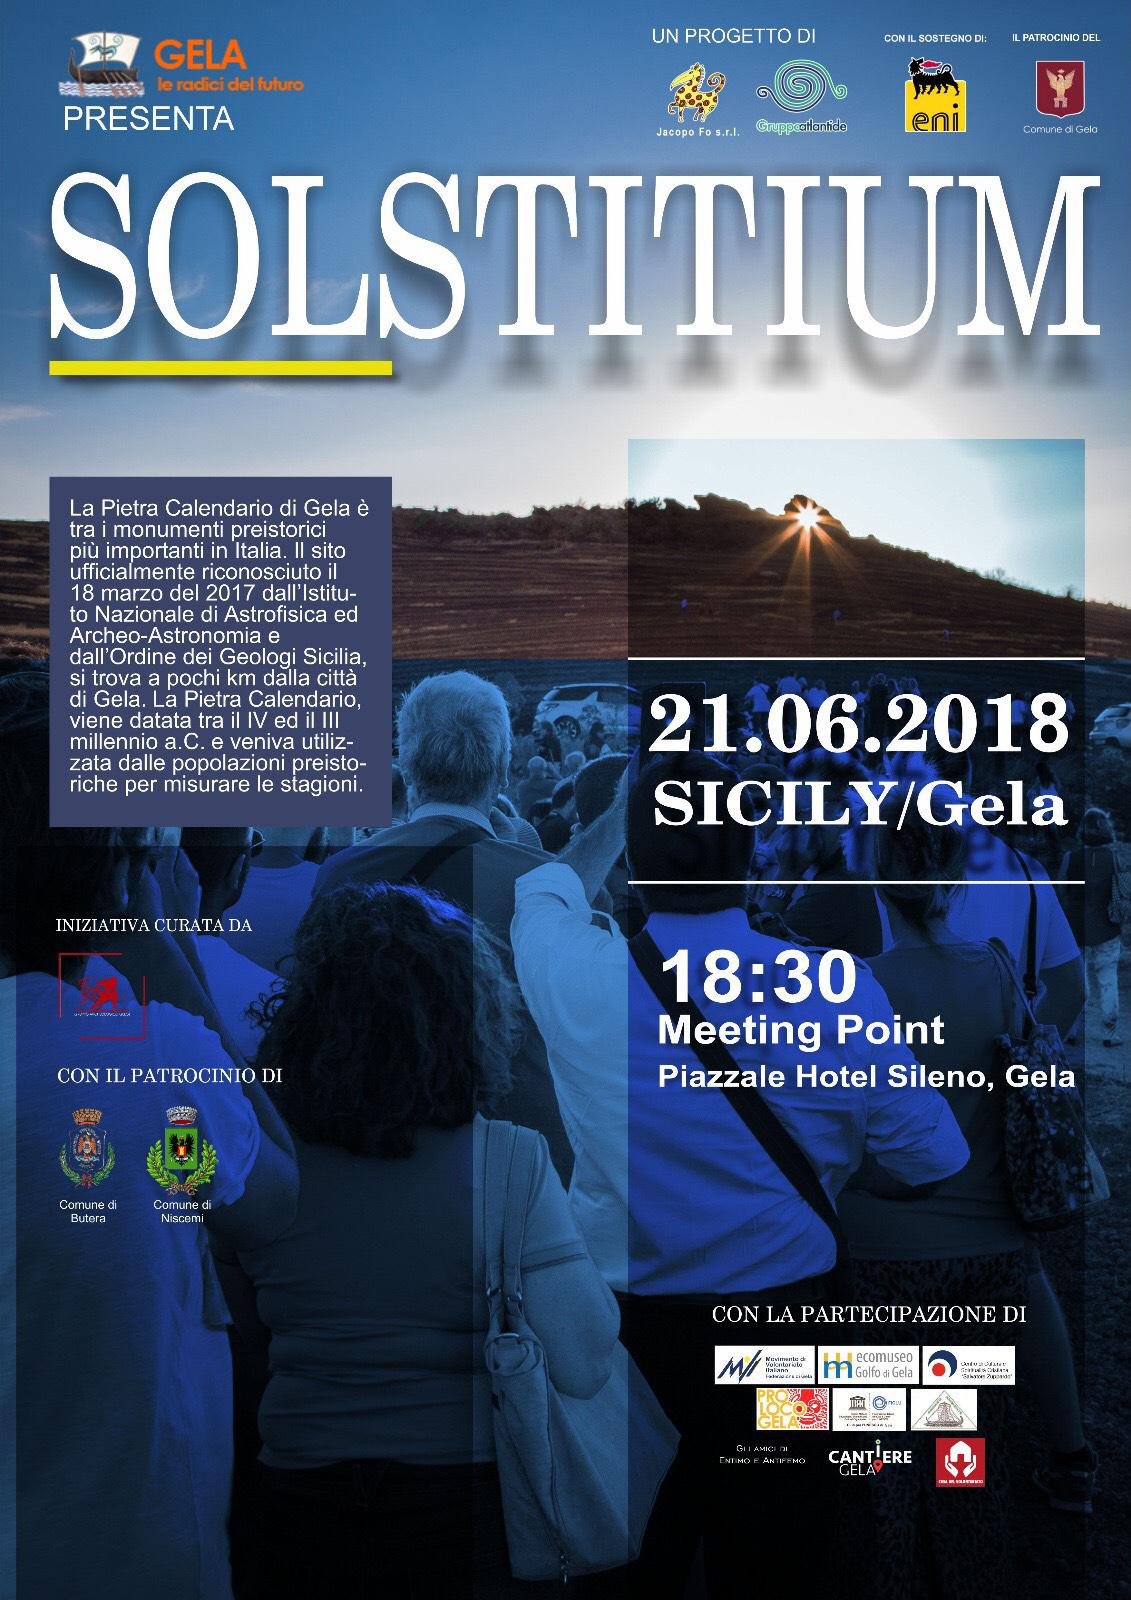 locandina-solstitium